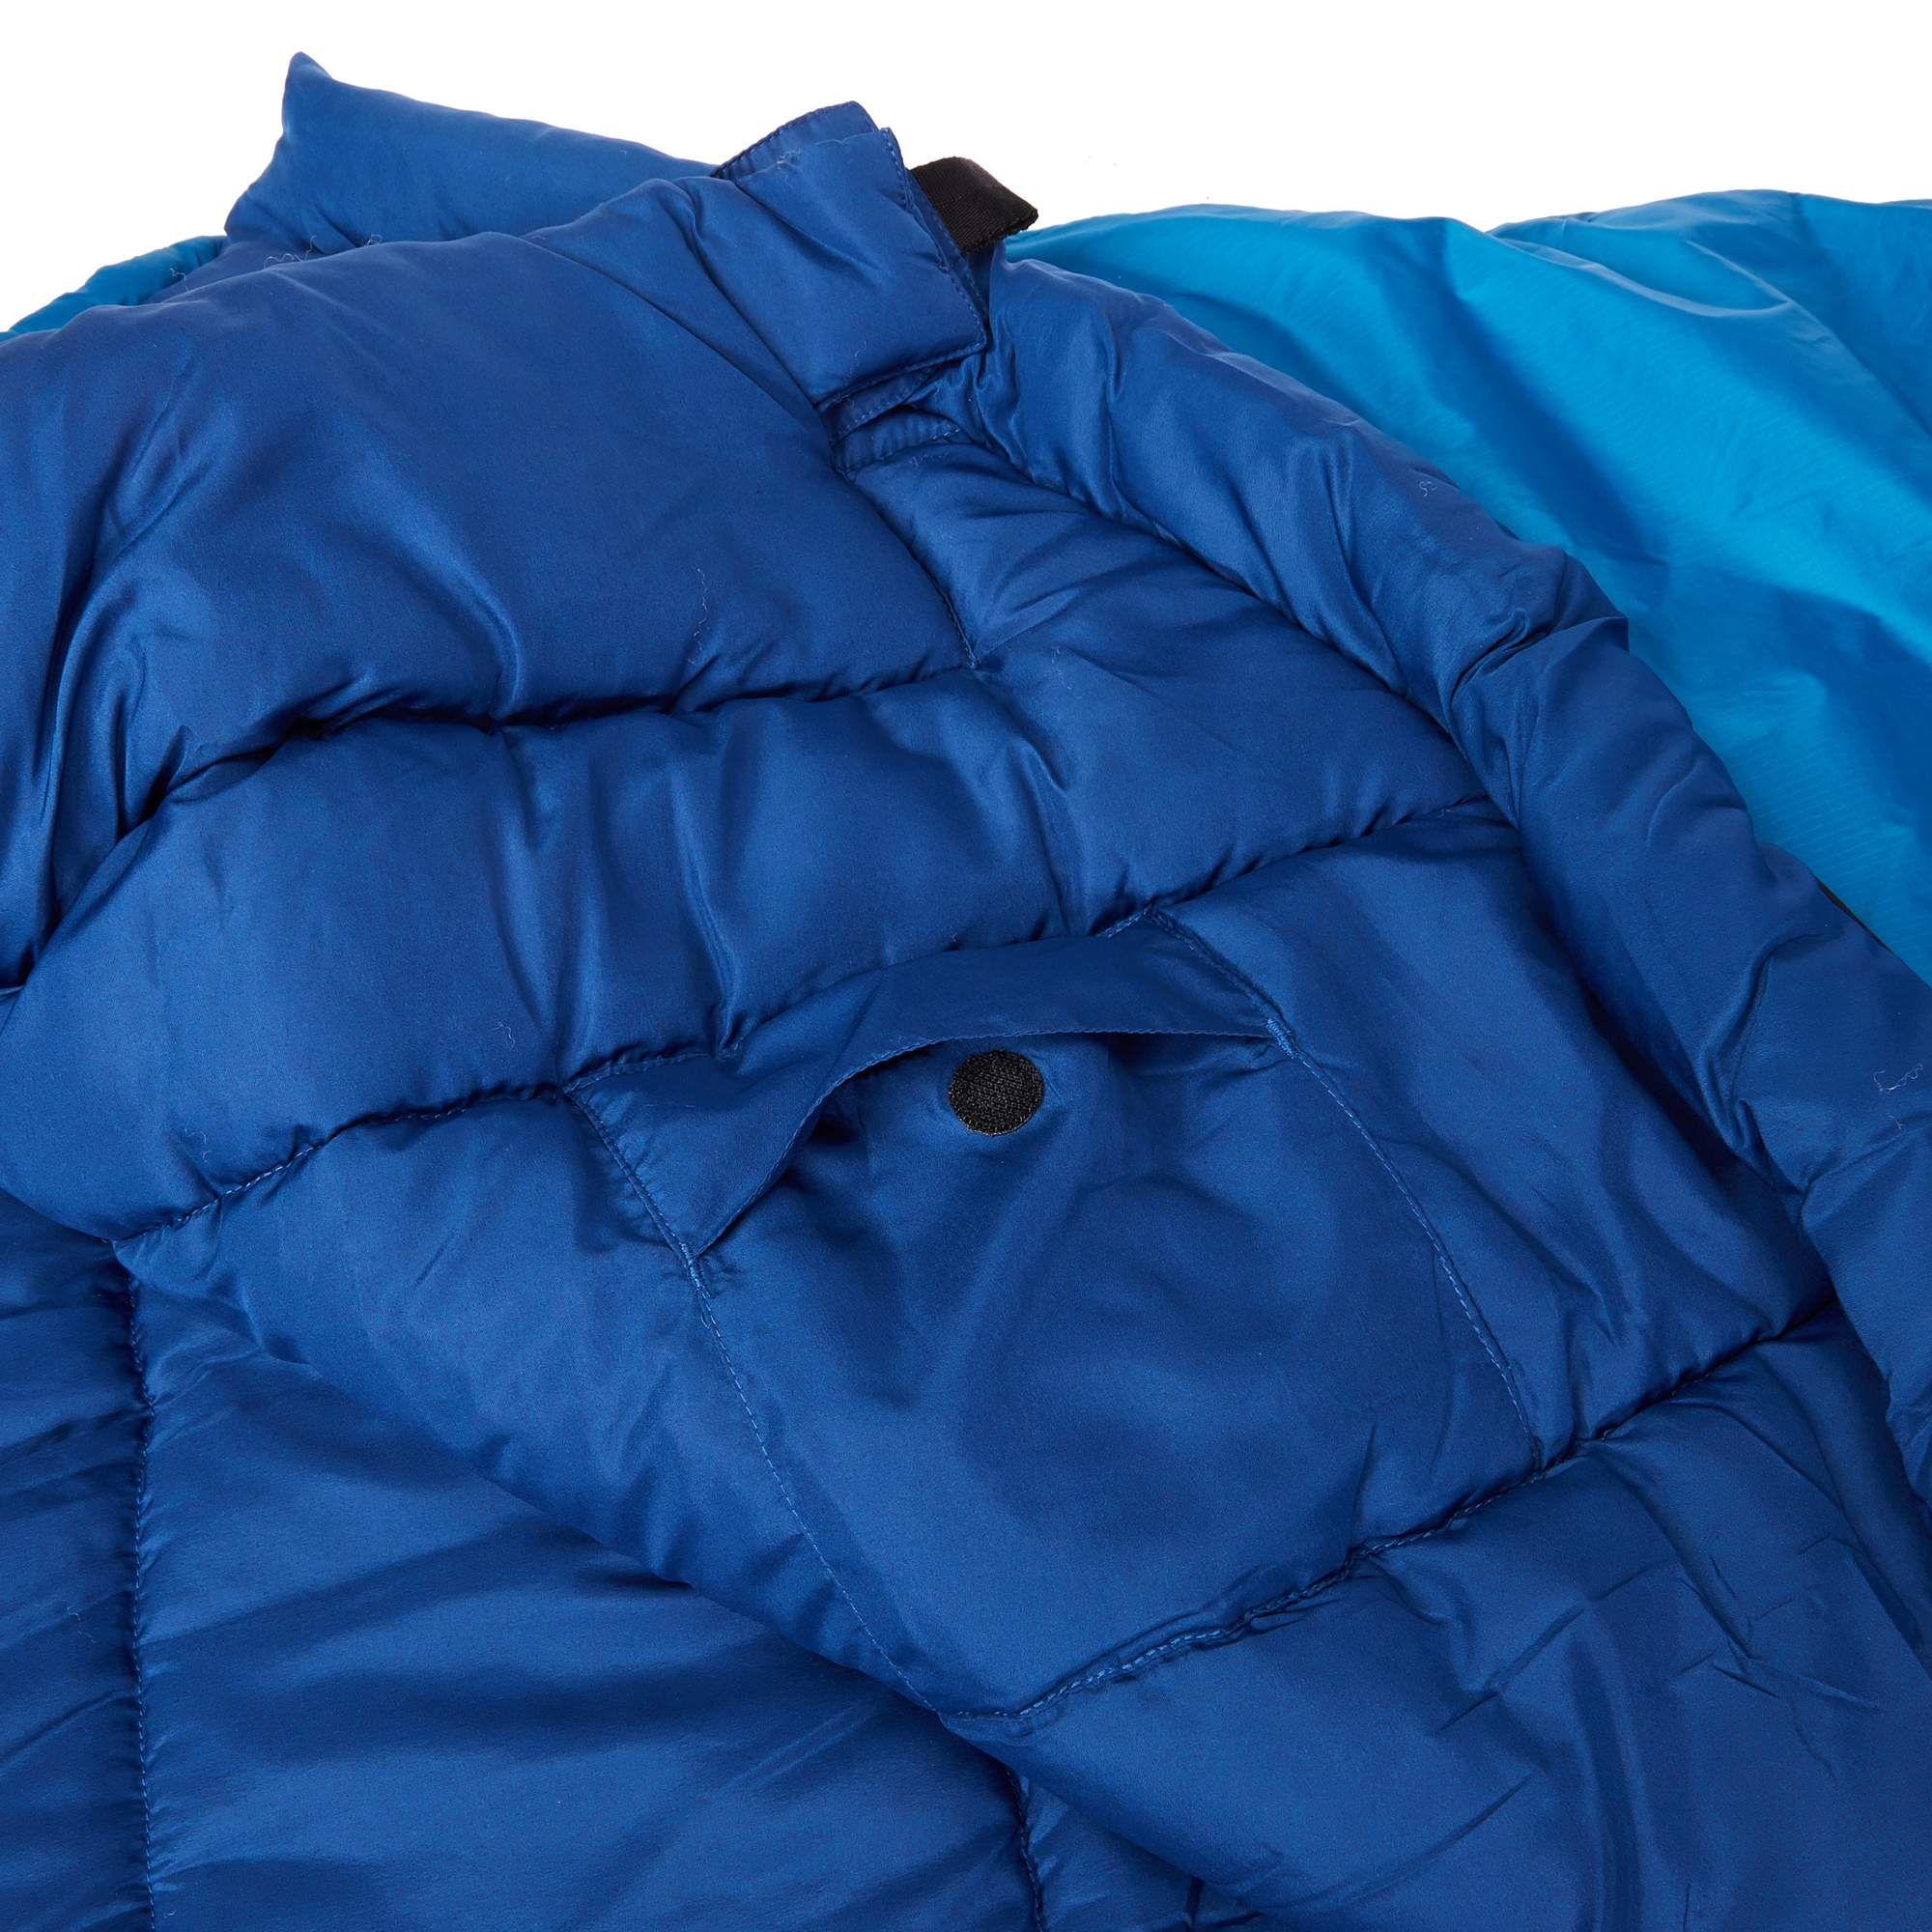 Спальный мешок Deuter Orbit 0° - фото 9